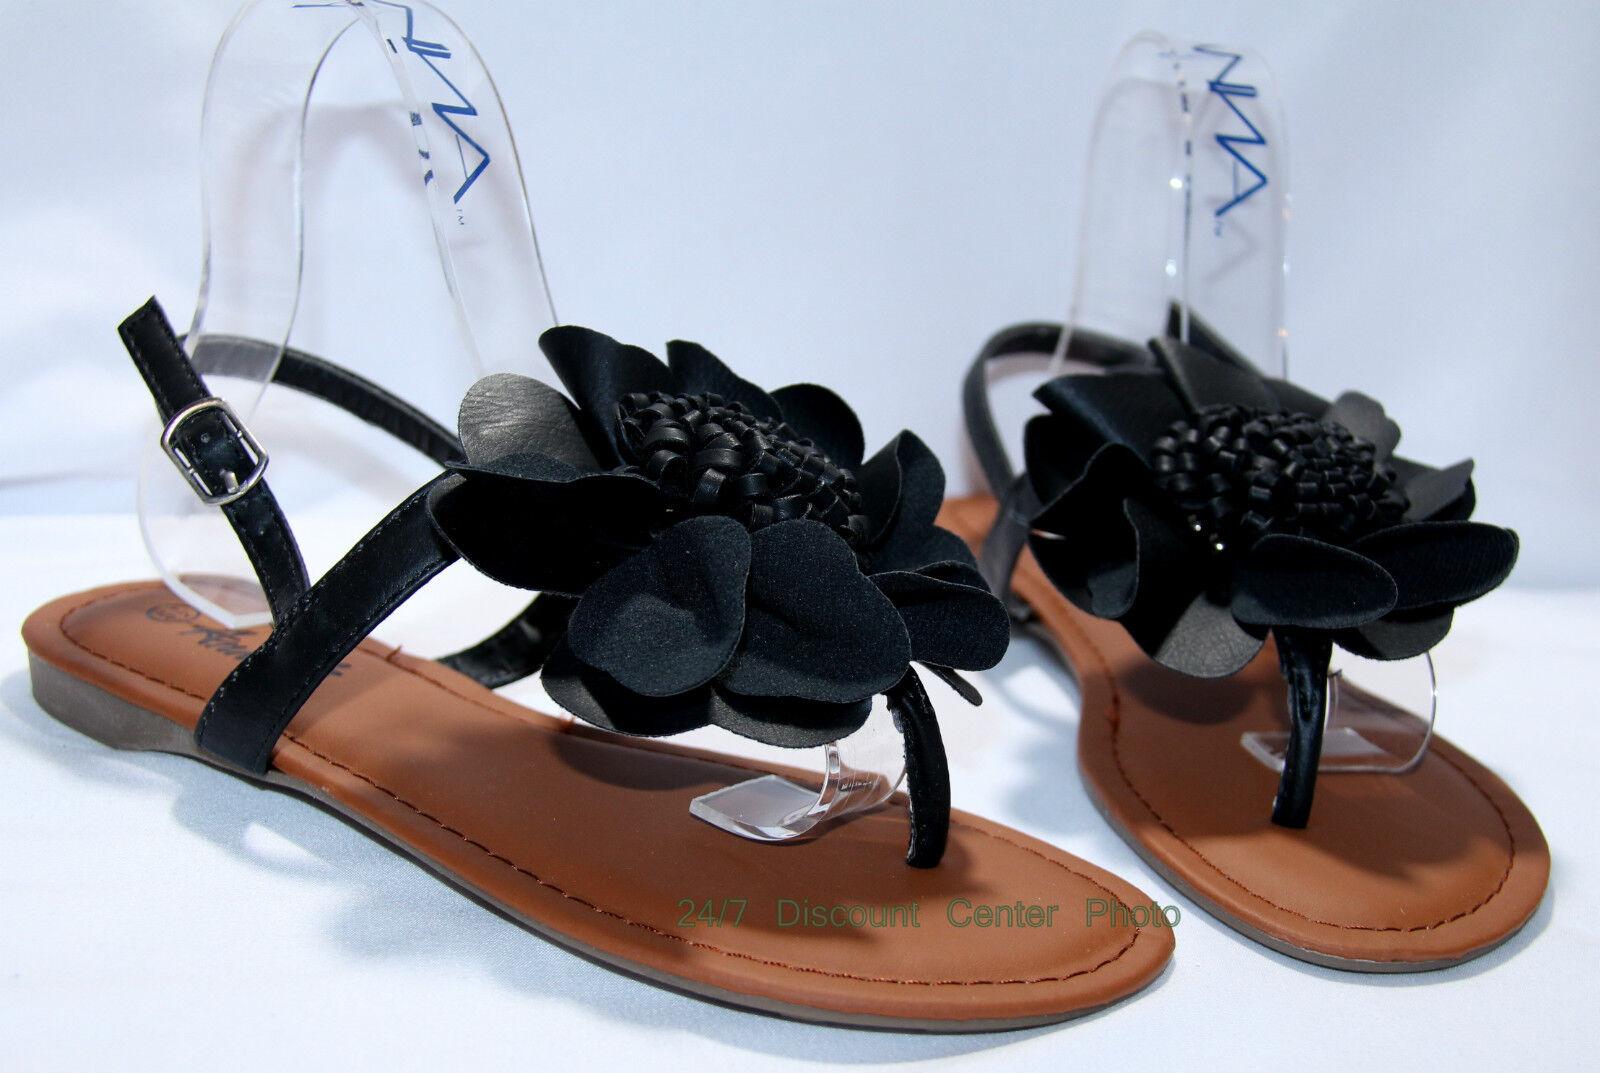 Women Floral  Sandals Szs: 5.5- 10  Floral Black White Tan,  Summer Sandals 4f079e